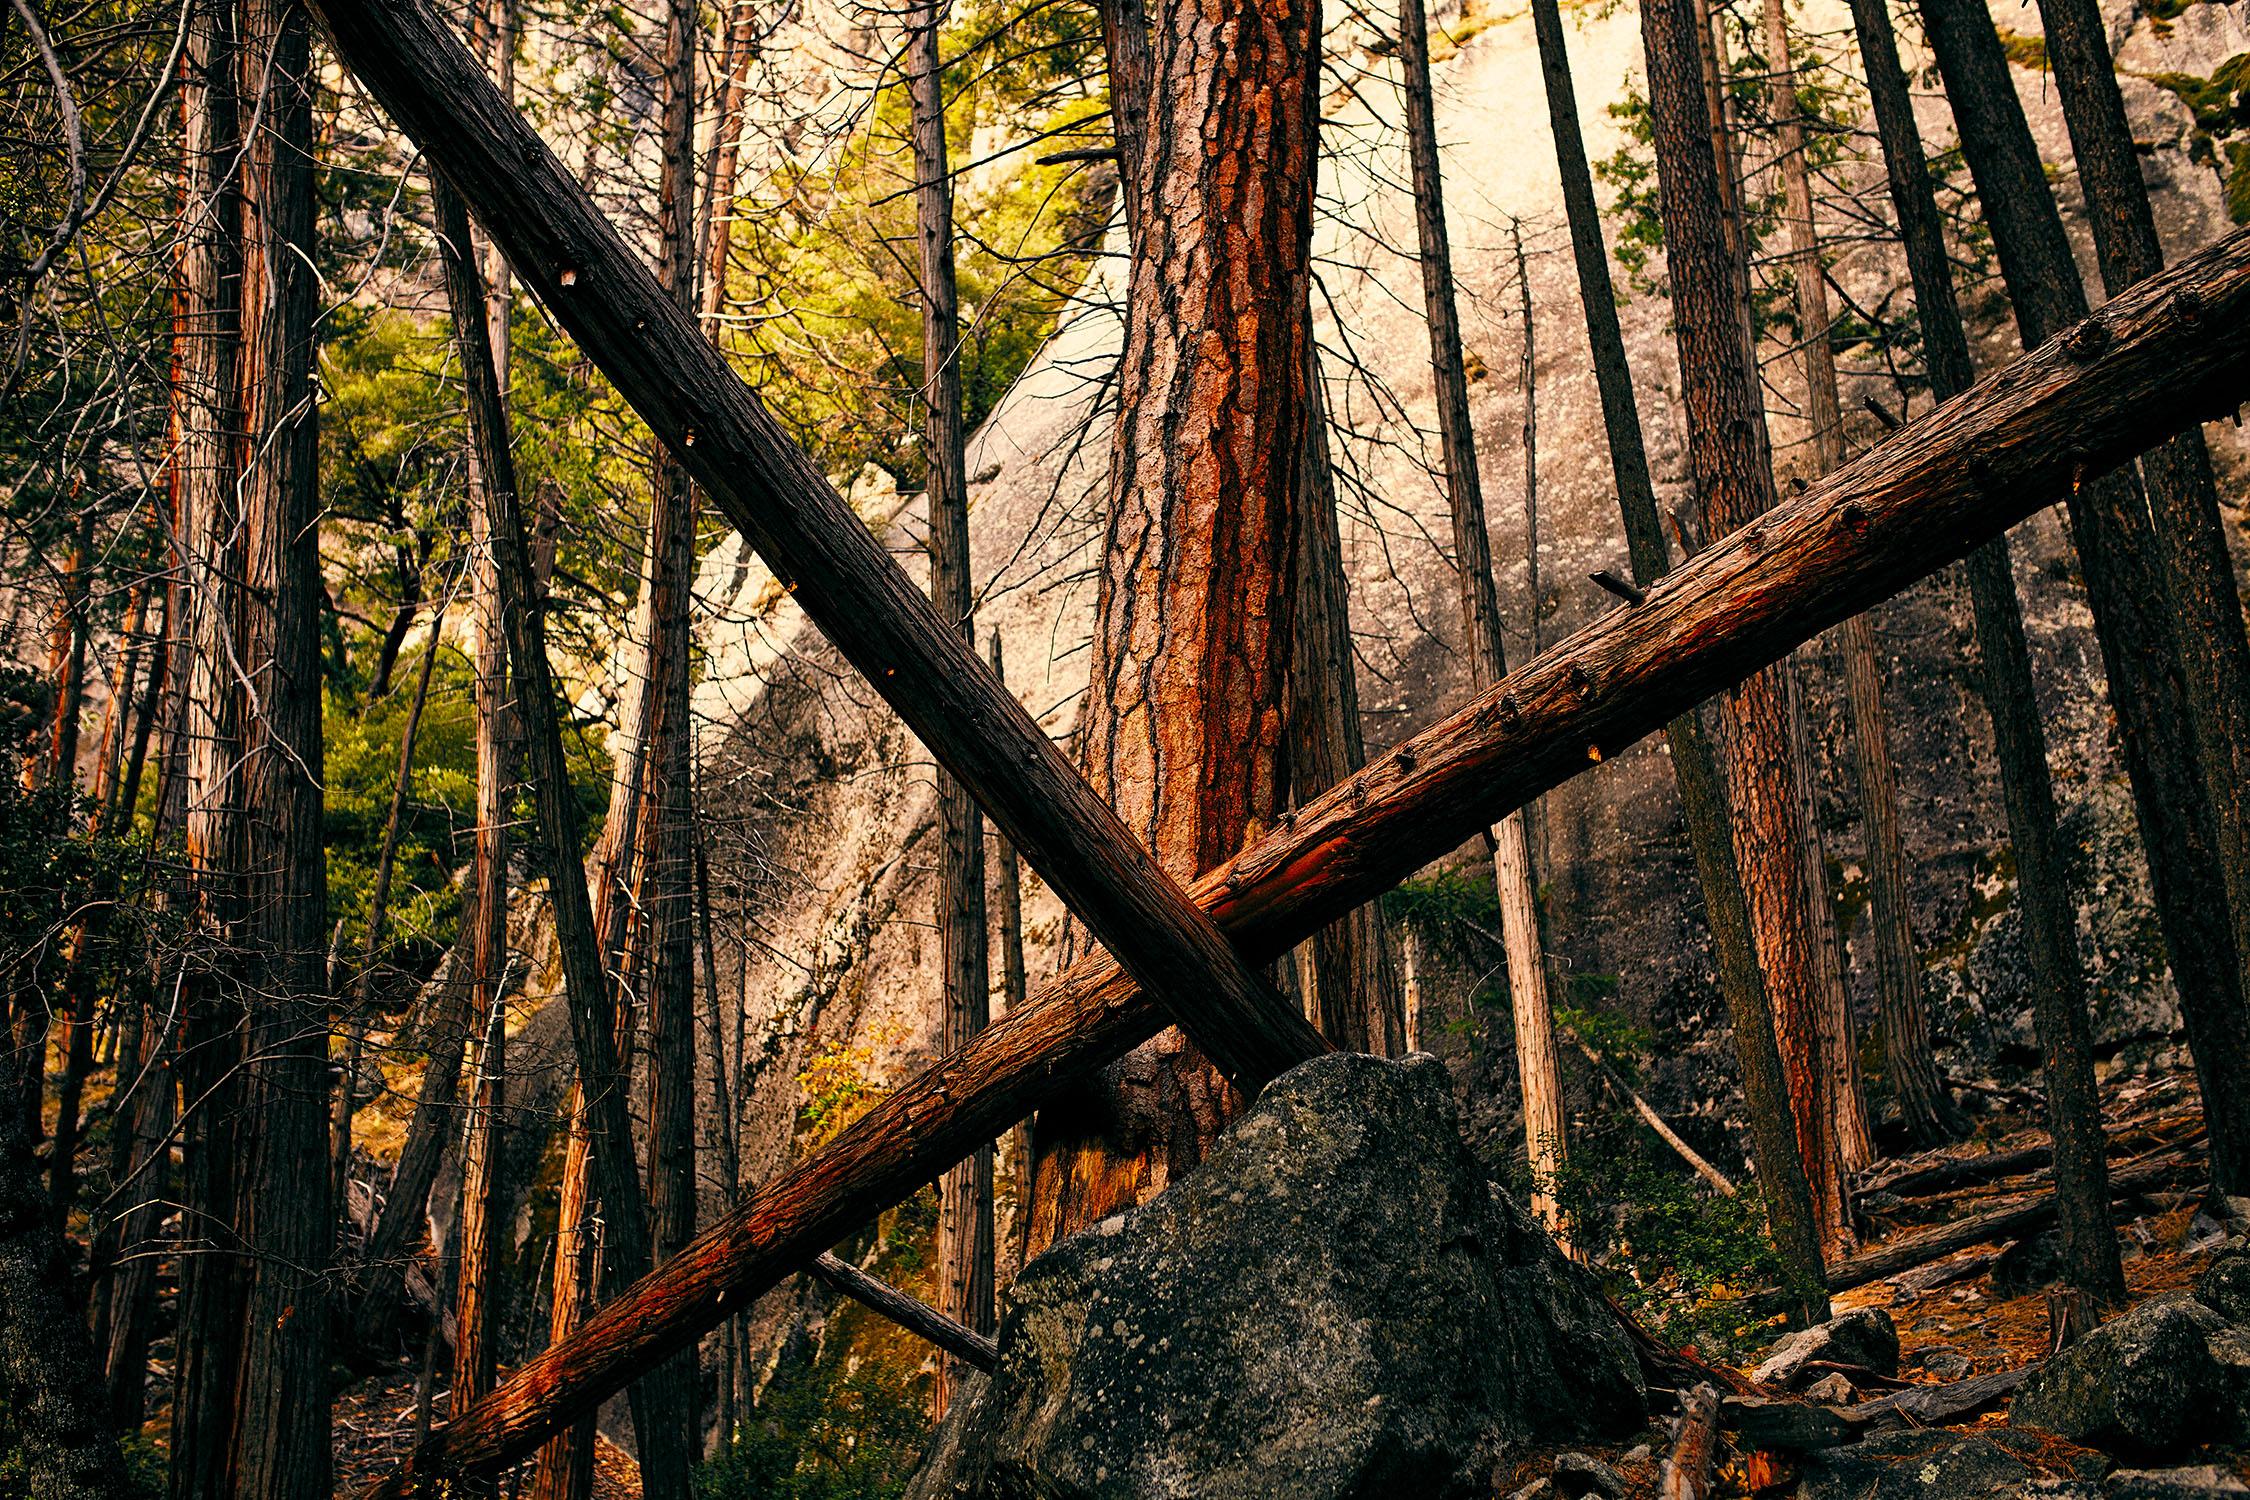 181215-SD-Yosemite-0580.jpg